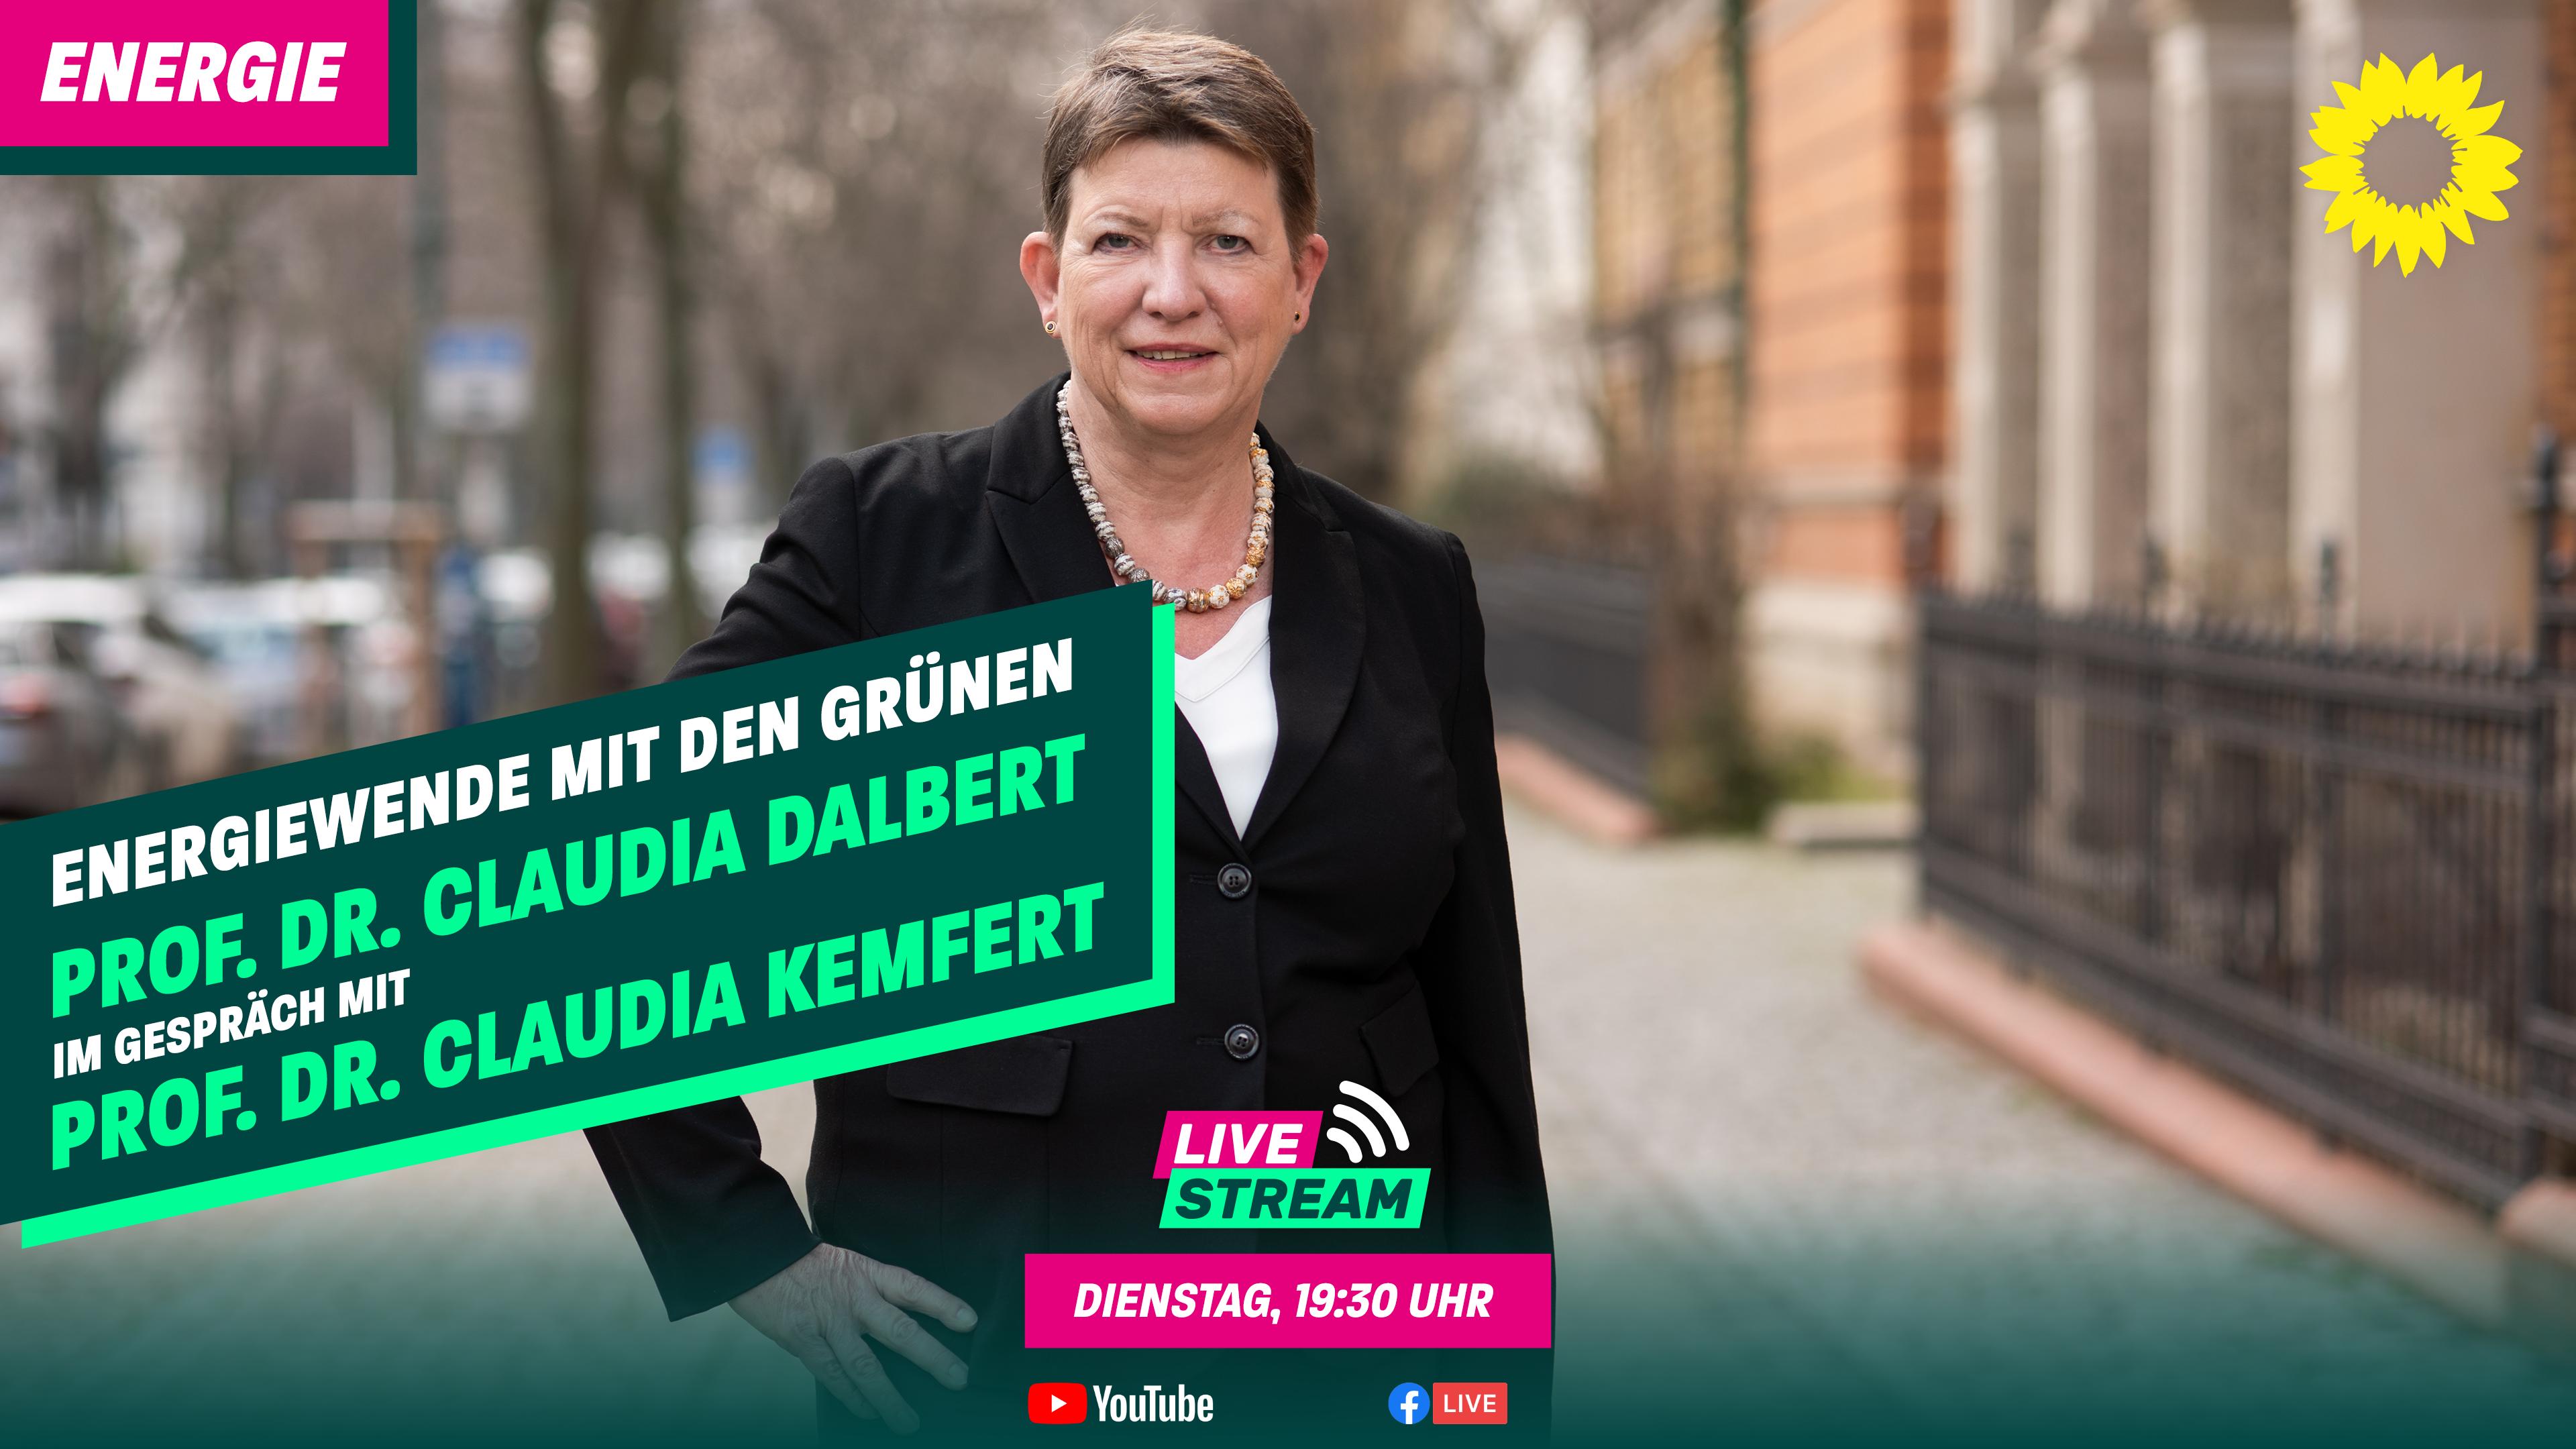 Energiewende mit den Grünen – am 1. Juni um 19:30 Uhr